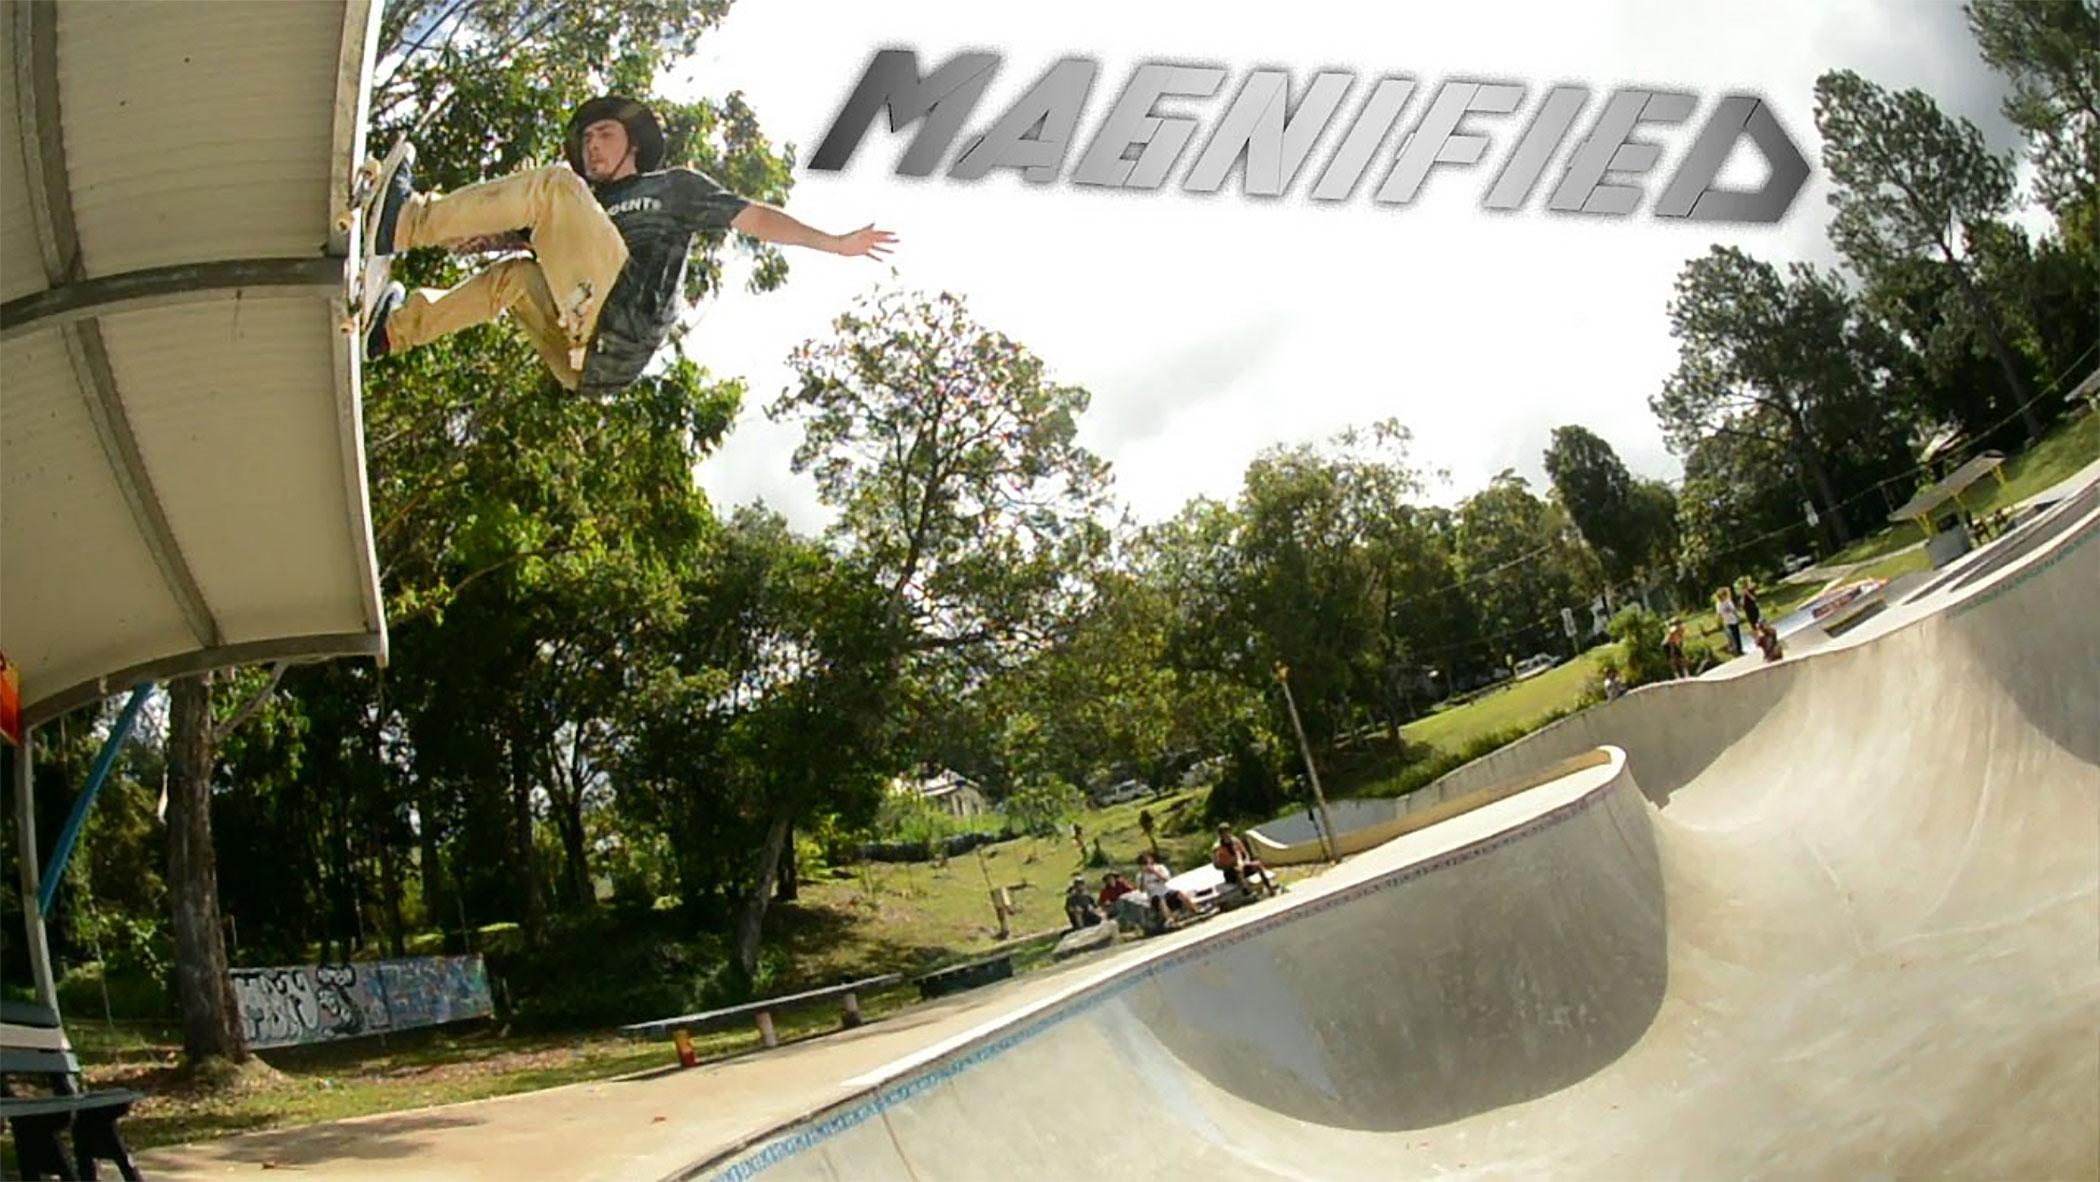 Kevin Kowalski 5050 bash at Nimbin skate park